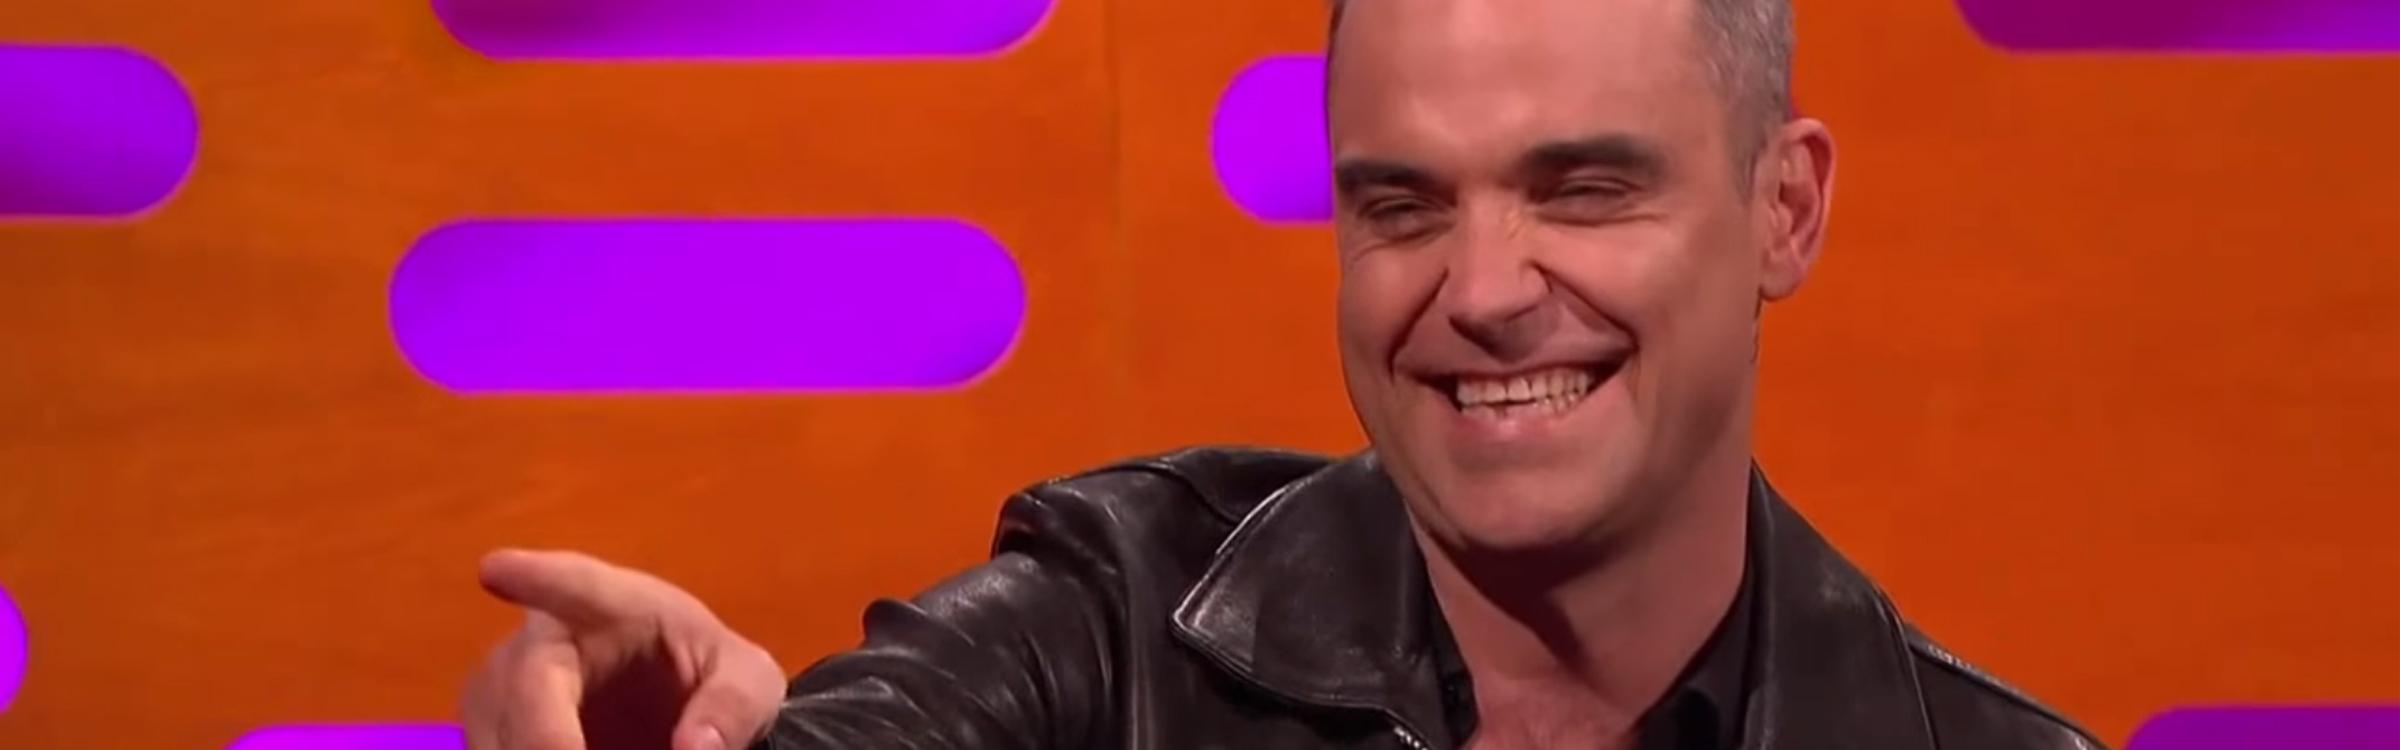 Robbie graham header